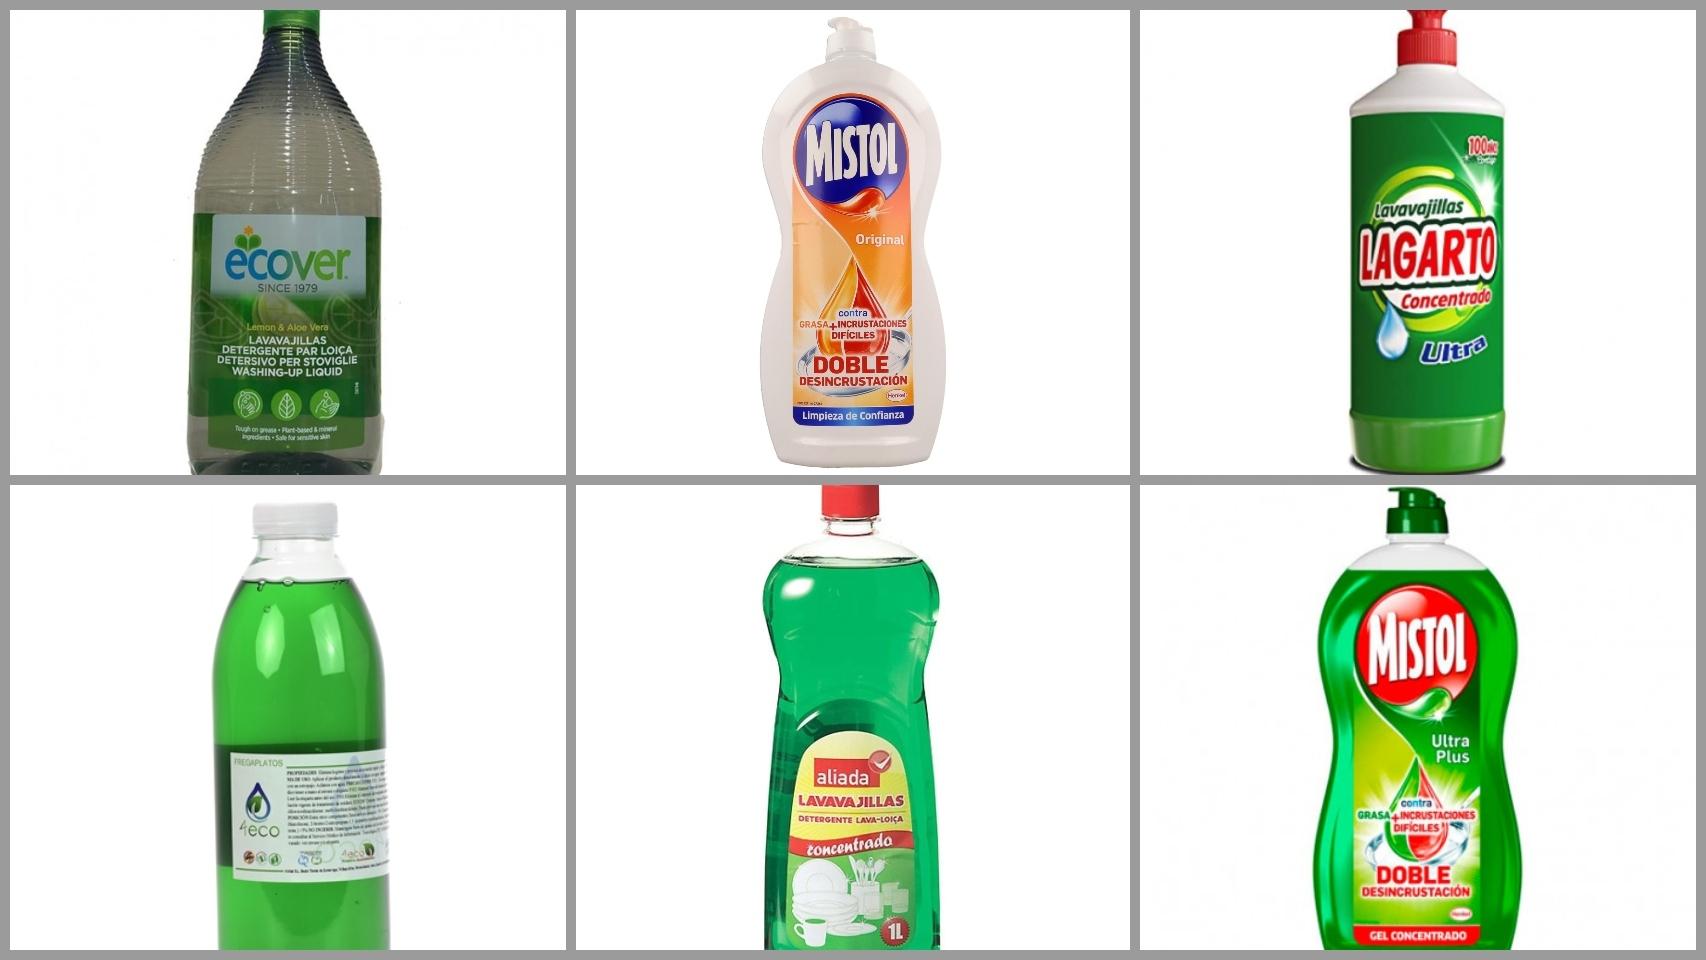 Los 12 peores detergentes lavavajillas para fregar los platos a mano, según la OCU